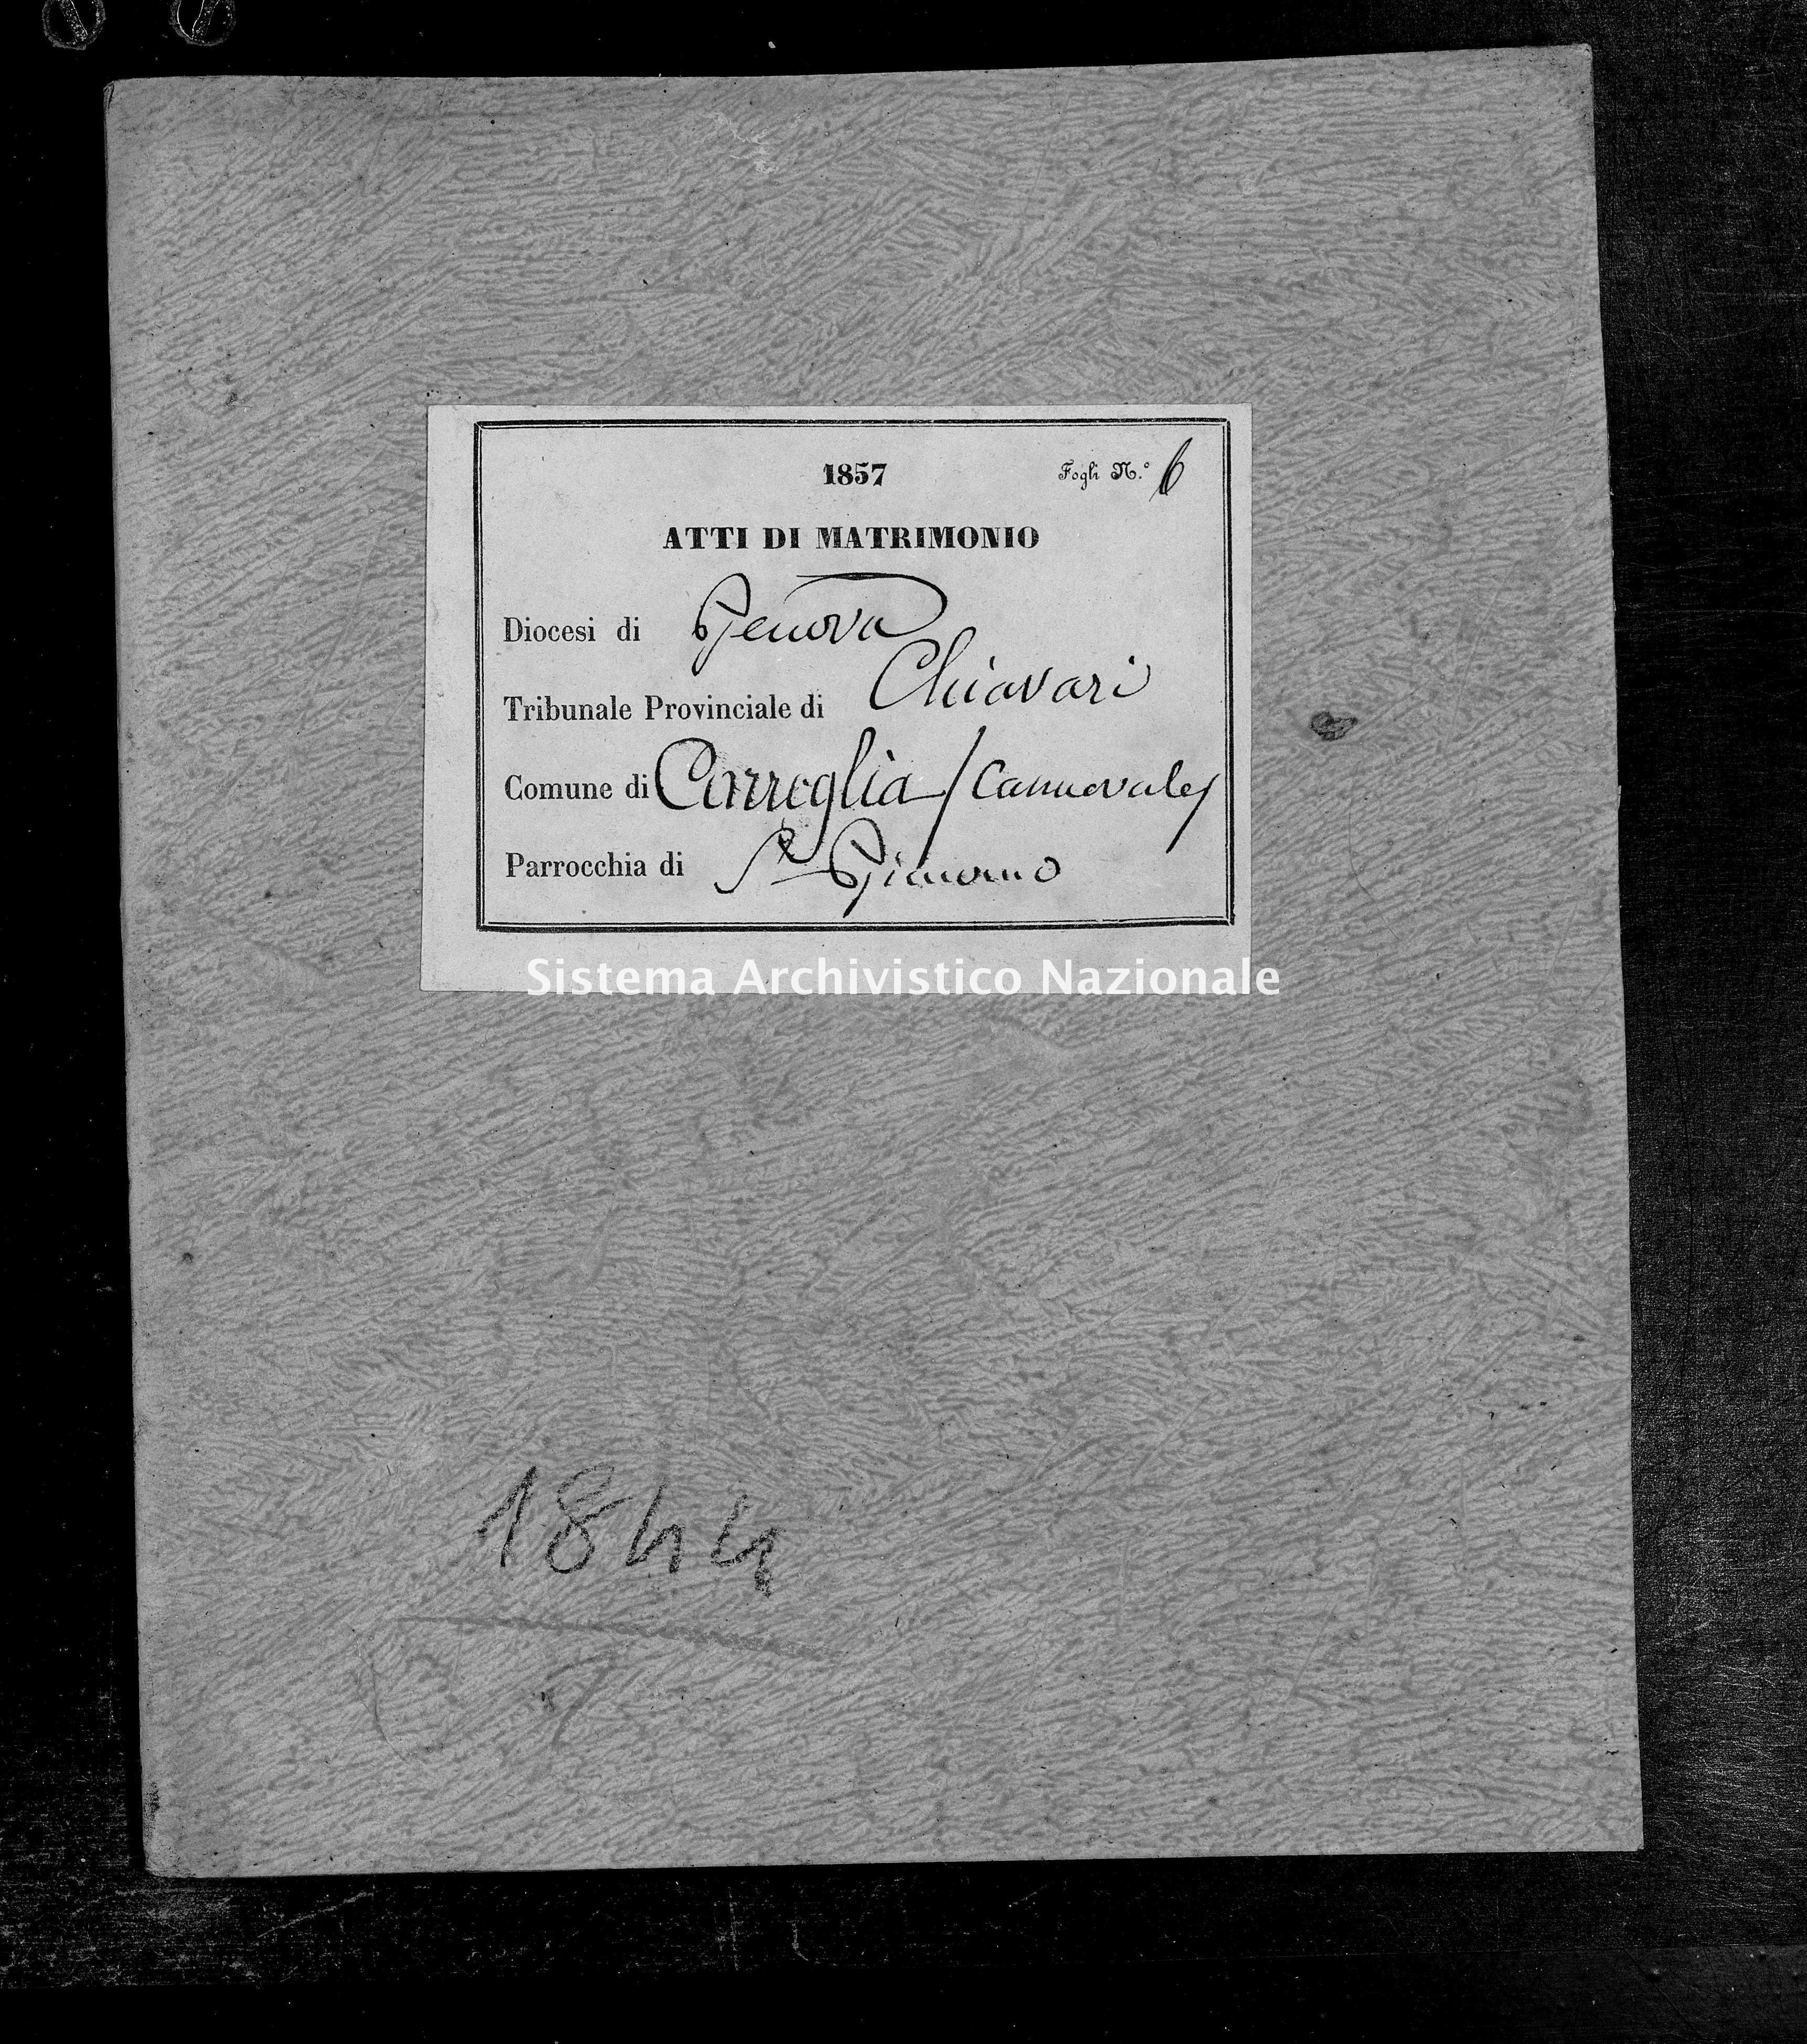 Archivio di stato di Genova - Stato civile della restaurazione - Canevale - Matrimoni - 1857 - 104-105 -